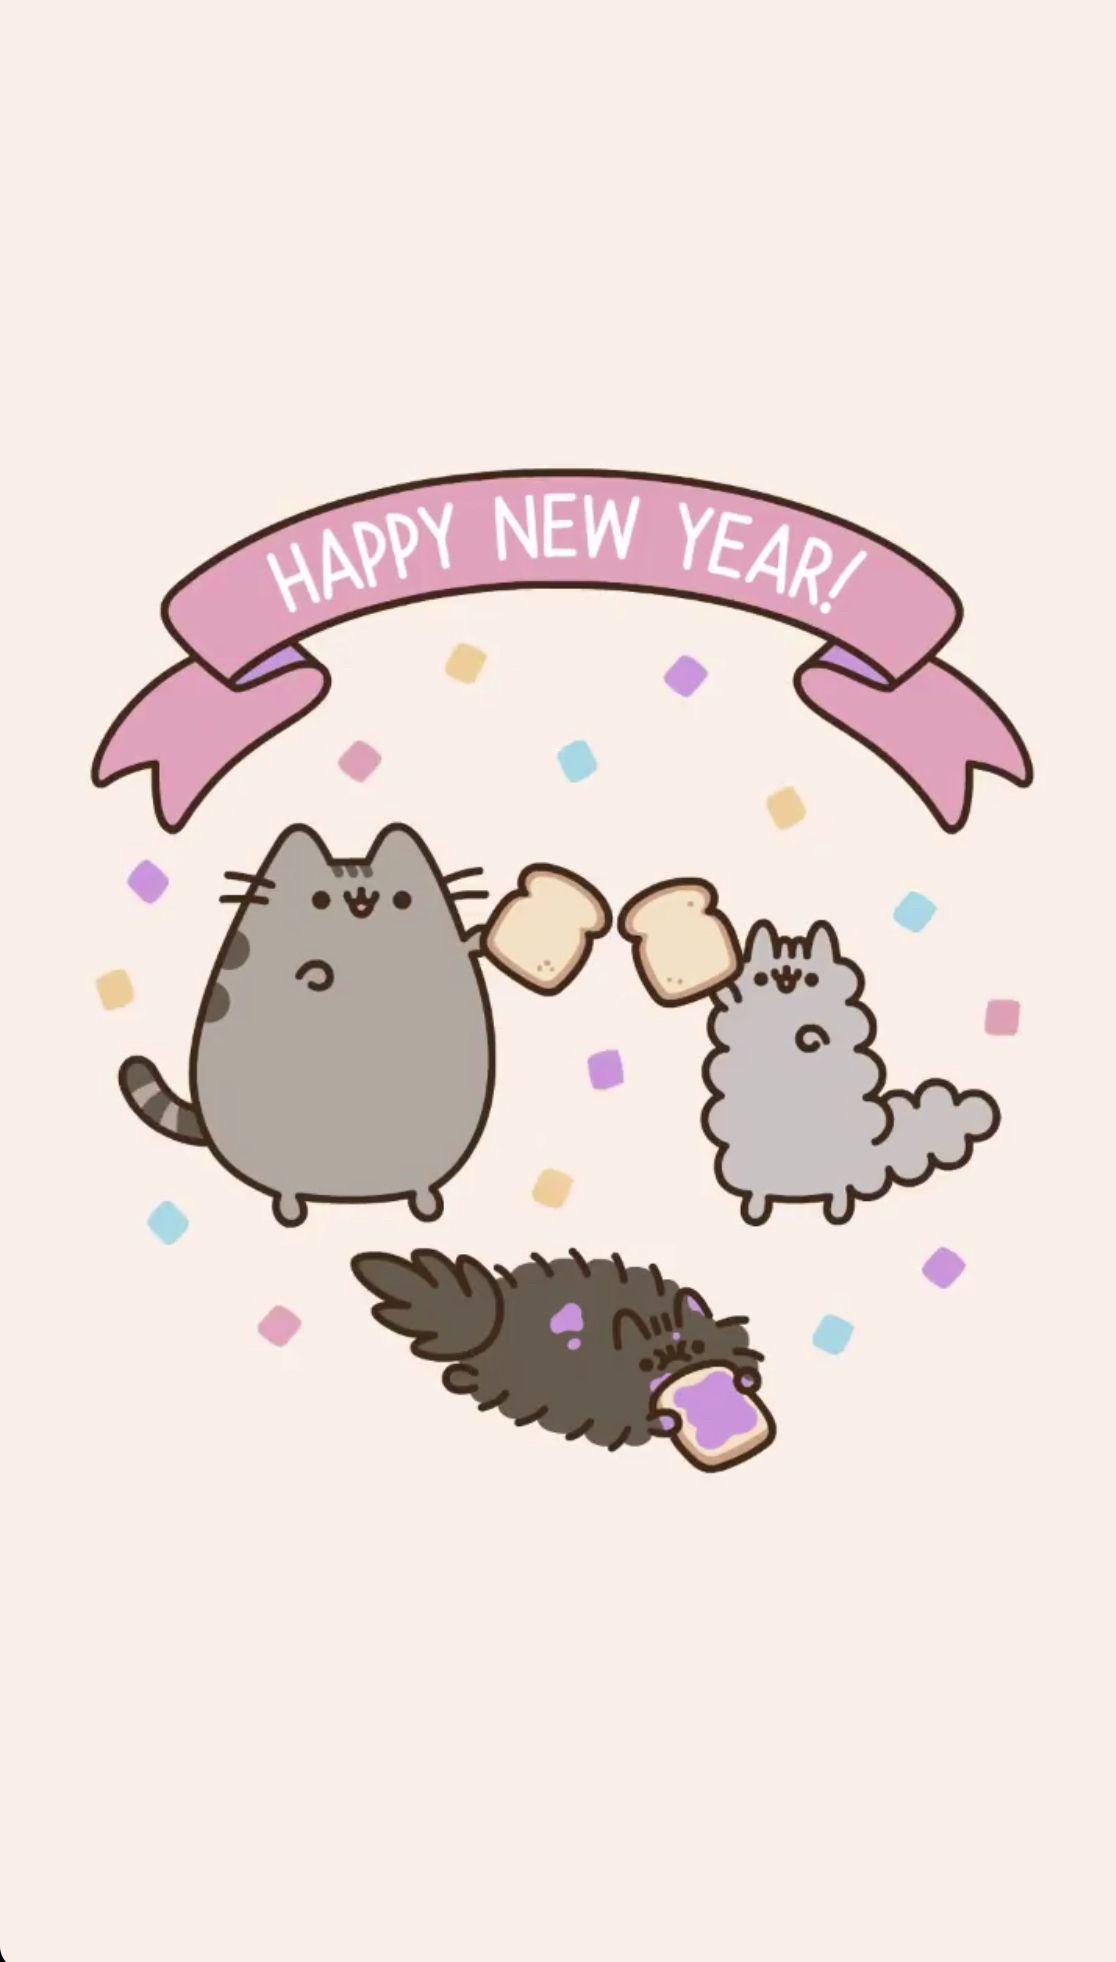 Happy New Year Pusheen Wallpaper Pusheen Cute Cat Wallpaper Pusheen Cat